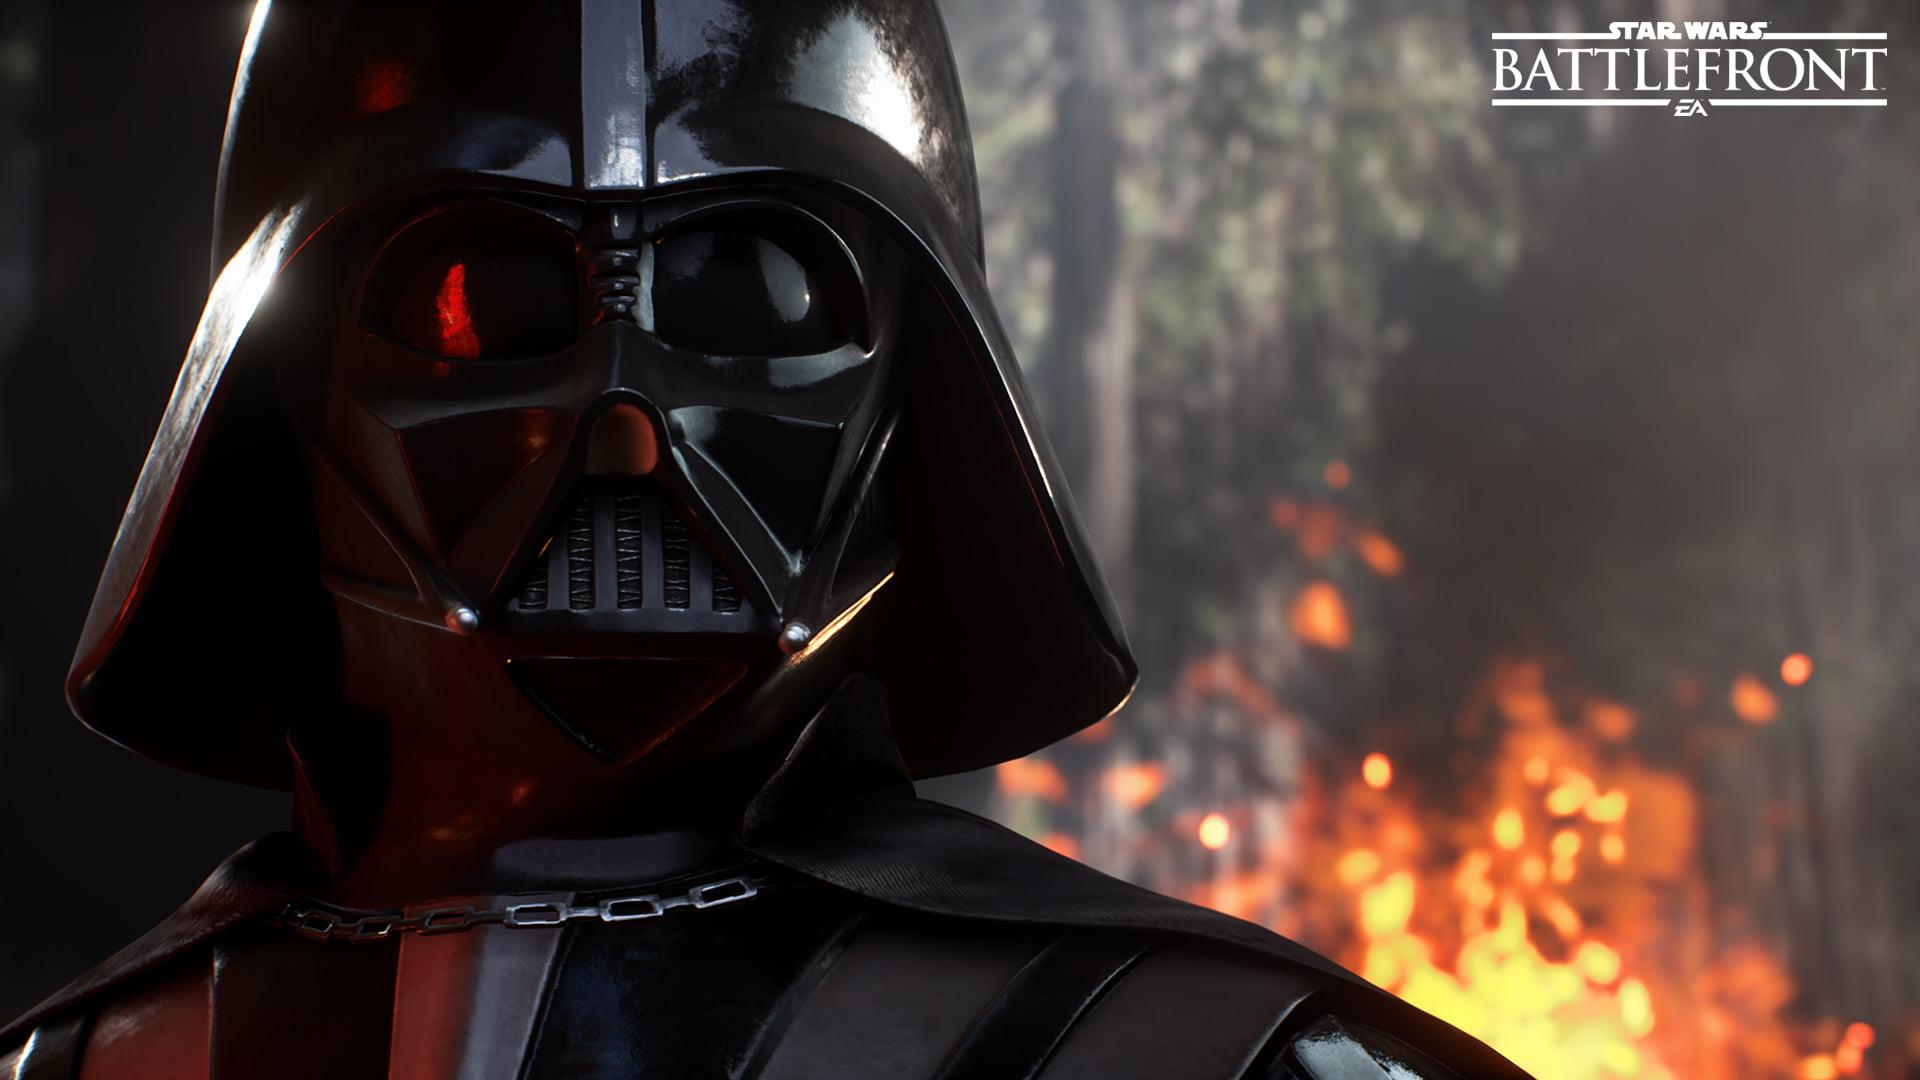 Photo of Star Wars: Battlefront Details Released